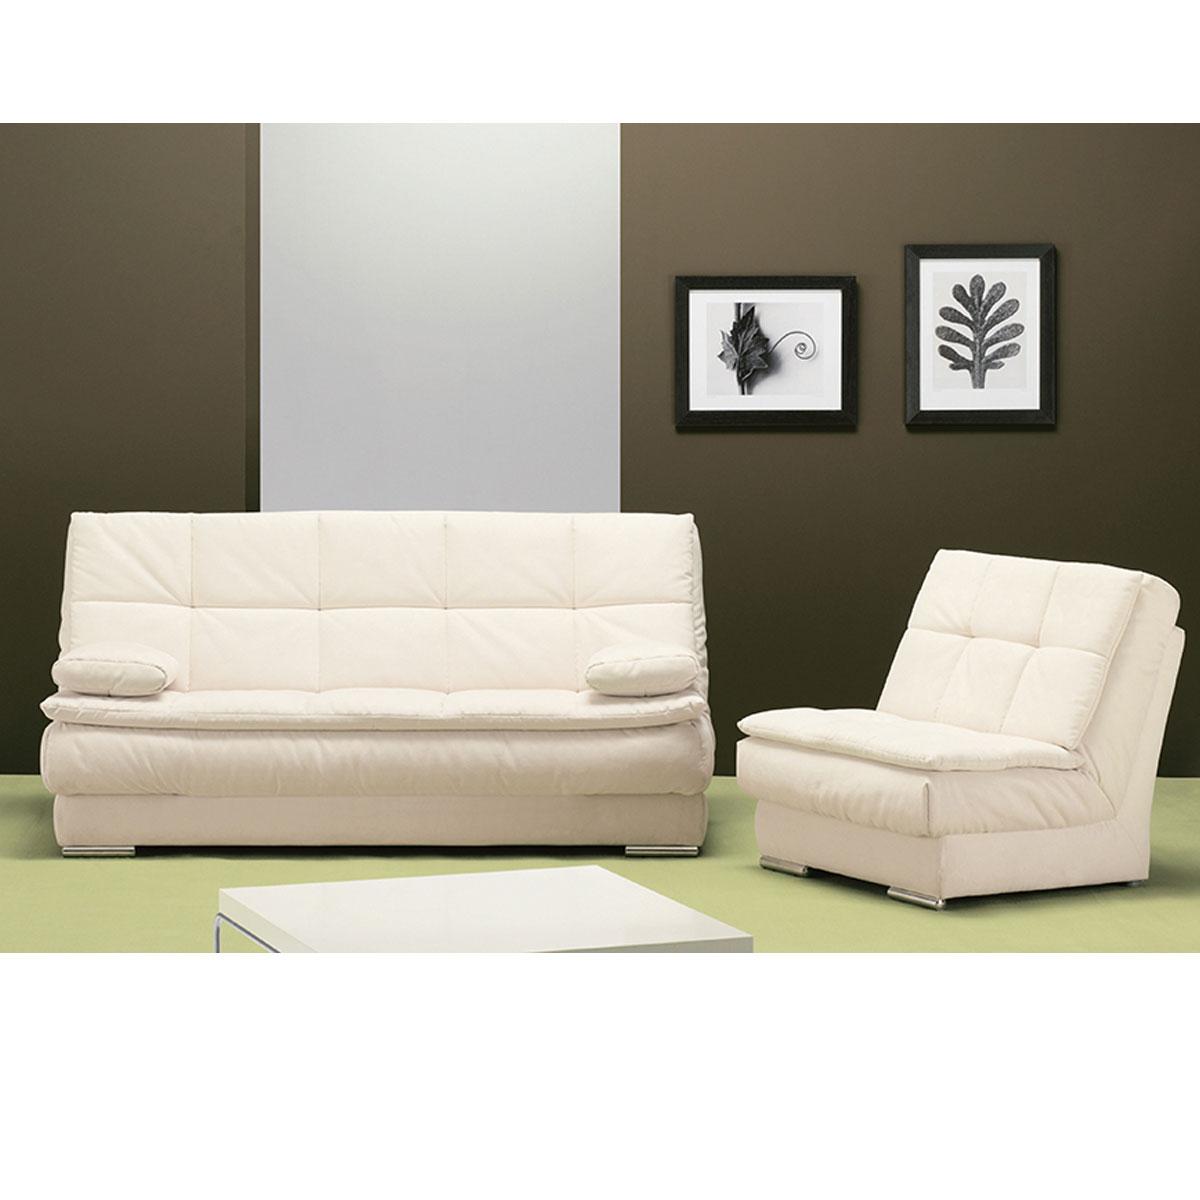 canap clic clac samy maison et mobilier d 39 int rieur. Black Bedroom Furniture Sets. Home Design Ideas